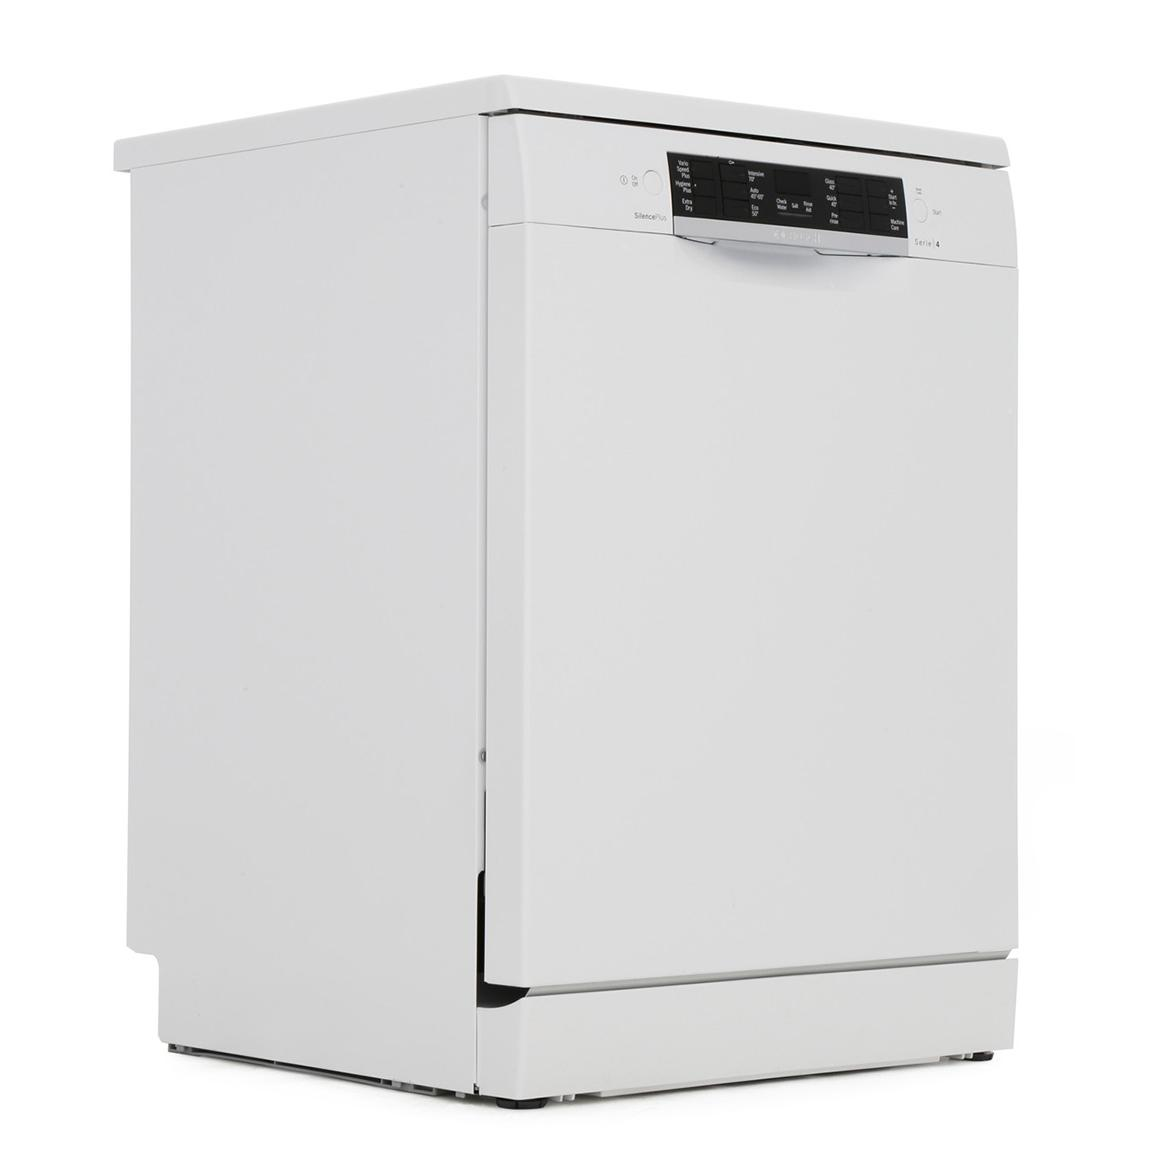 Bosch Serie 4 SMS46IW09G Dishwasher